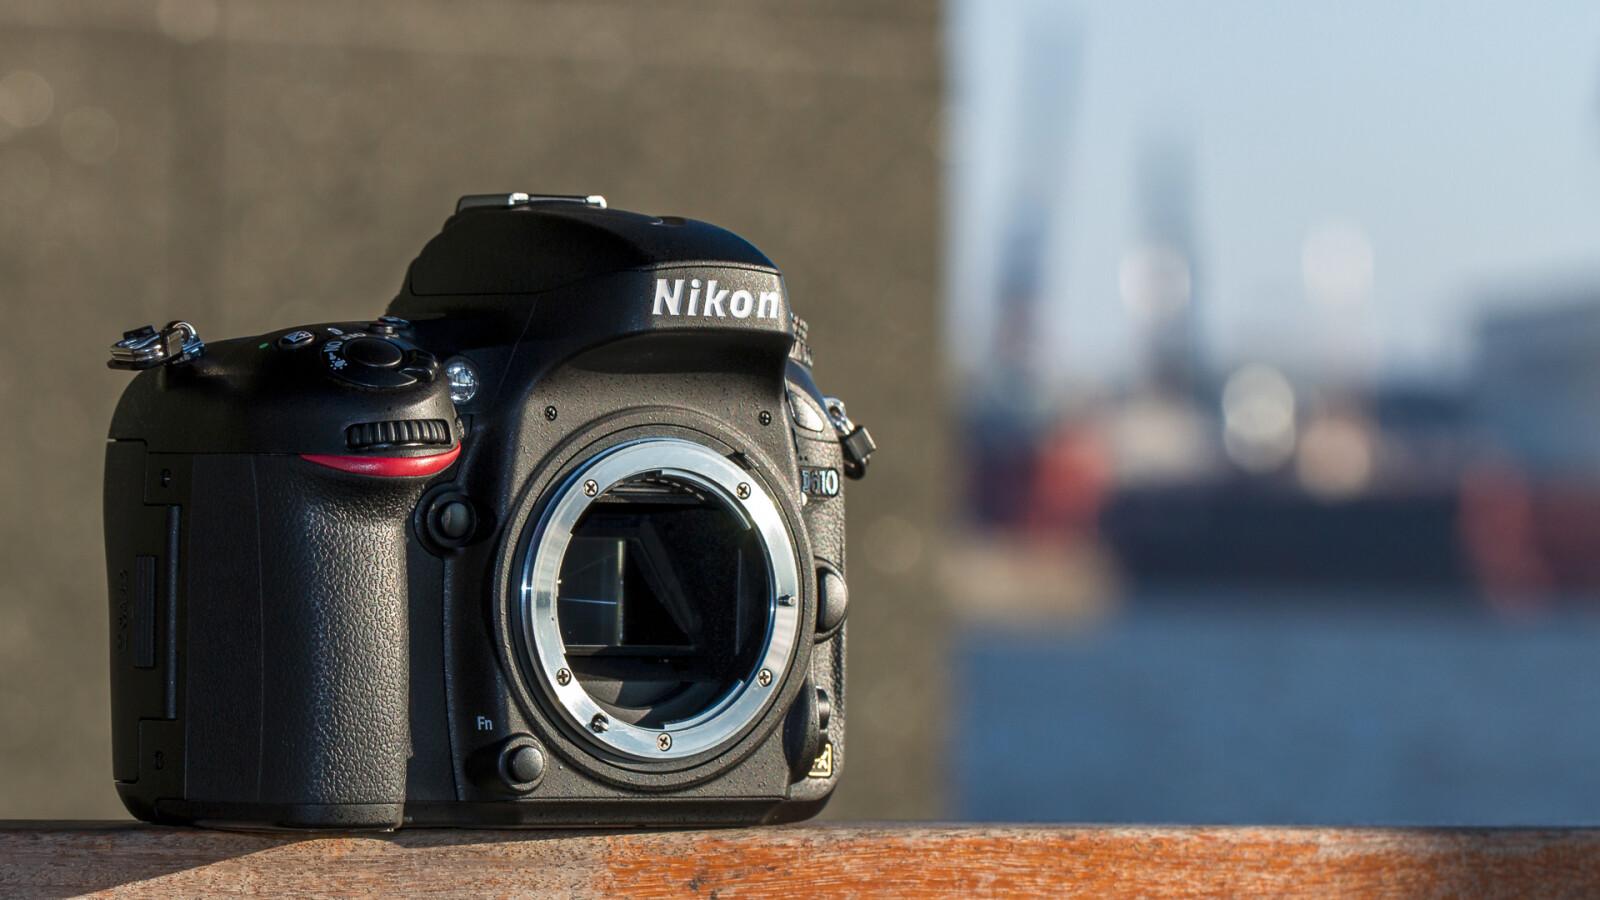 netzwelt live: Canon vs. Nikon: Vollformat-Einstieg im Vergleich ...